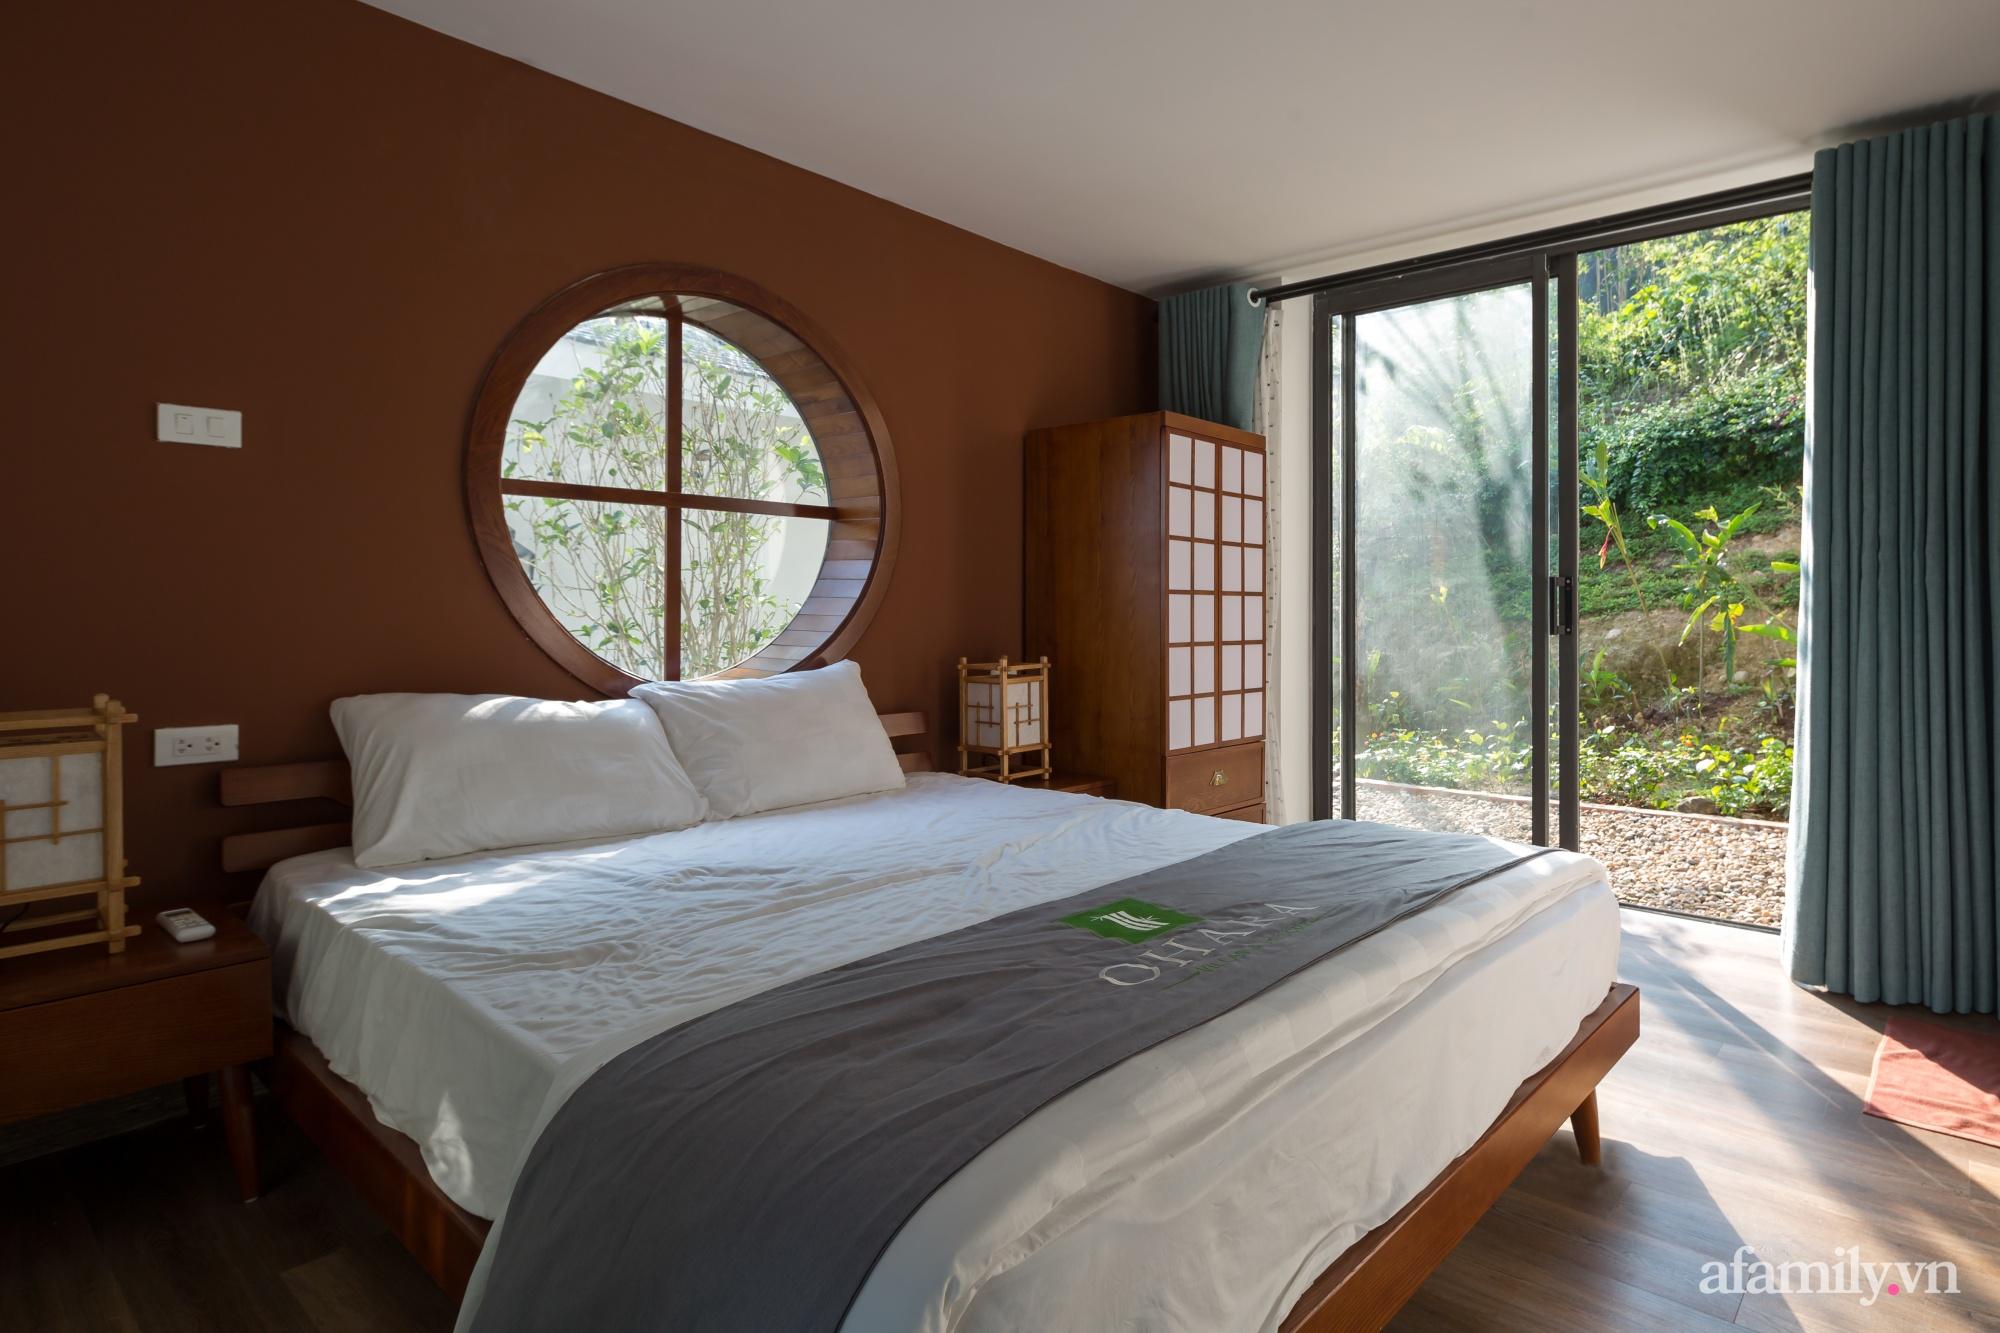 Nhà trên đồi lộng gió thoáng rộng thảnh thơi đón nắng ngập tràn ở Kỳ Sơn, Hòa Bình - Ảnh 16.